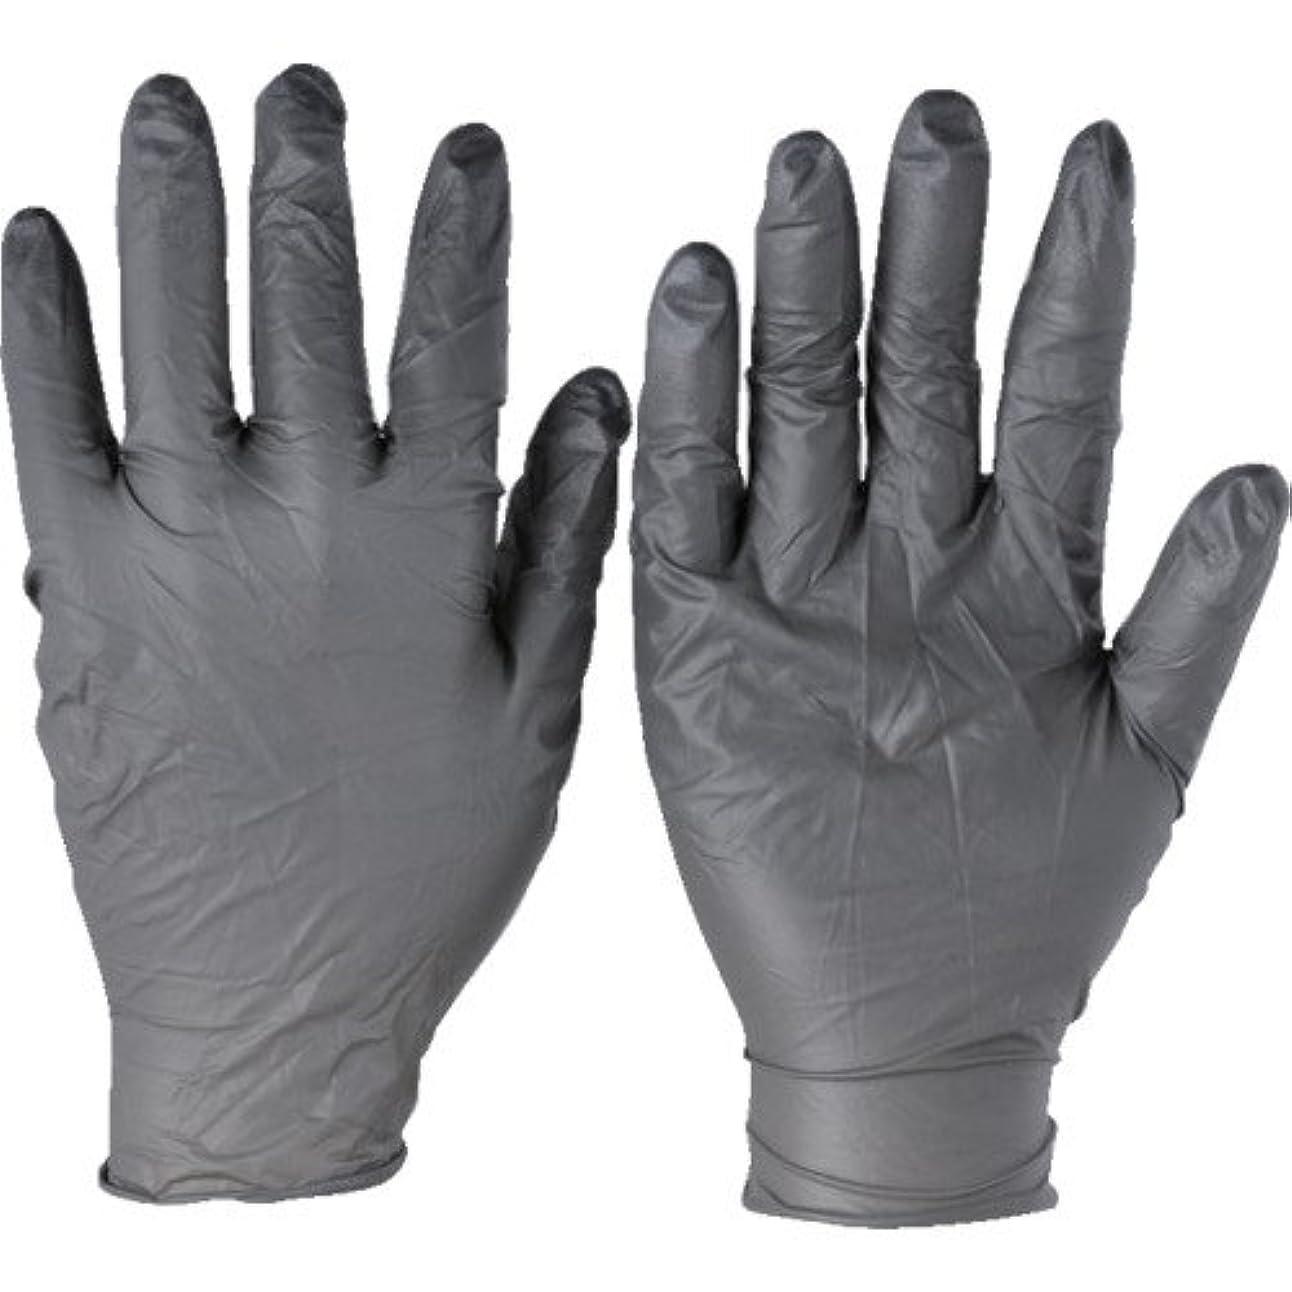 現れる国内の殺しますトラスコ中山 アンセル ニトリルゴム使い捨て手袋 タッチエヌタフ 粉無 XLサイズ100枚入 9325010